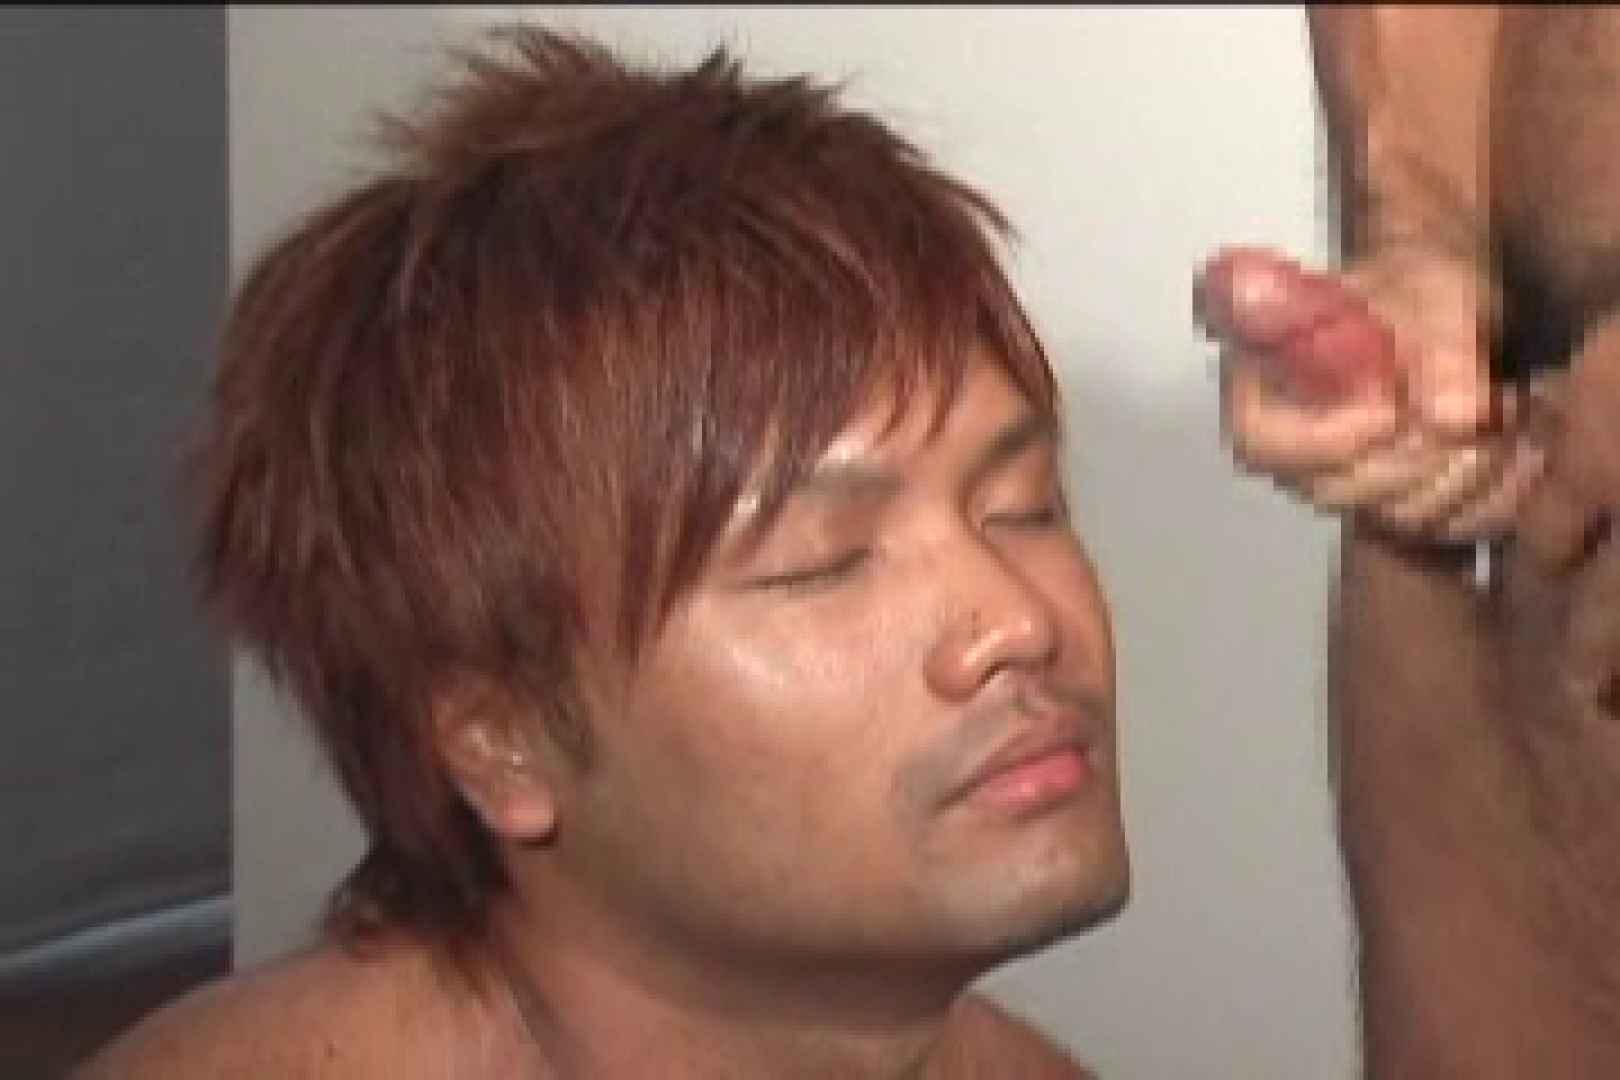 体育会系モッコリ祭り06 スポーツマン男子 ゲイヌード画像 68枚 15